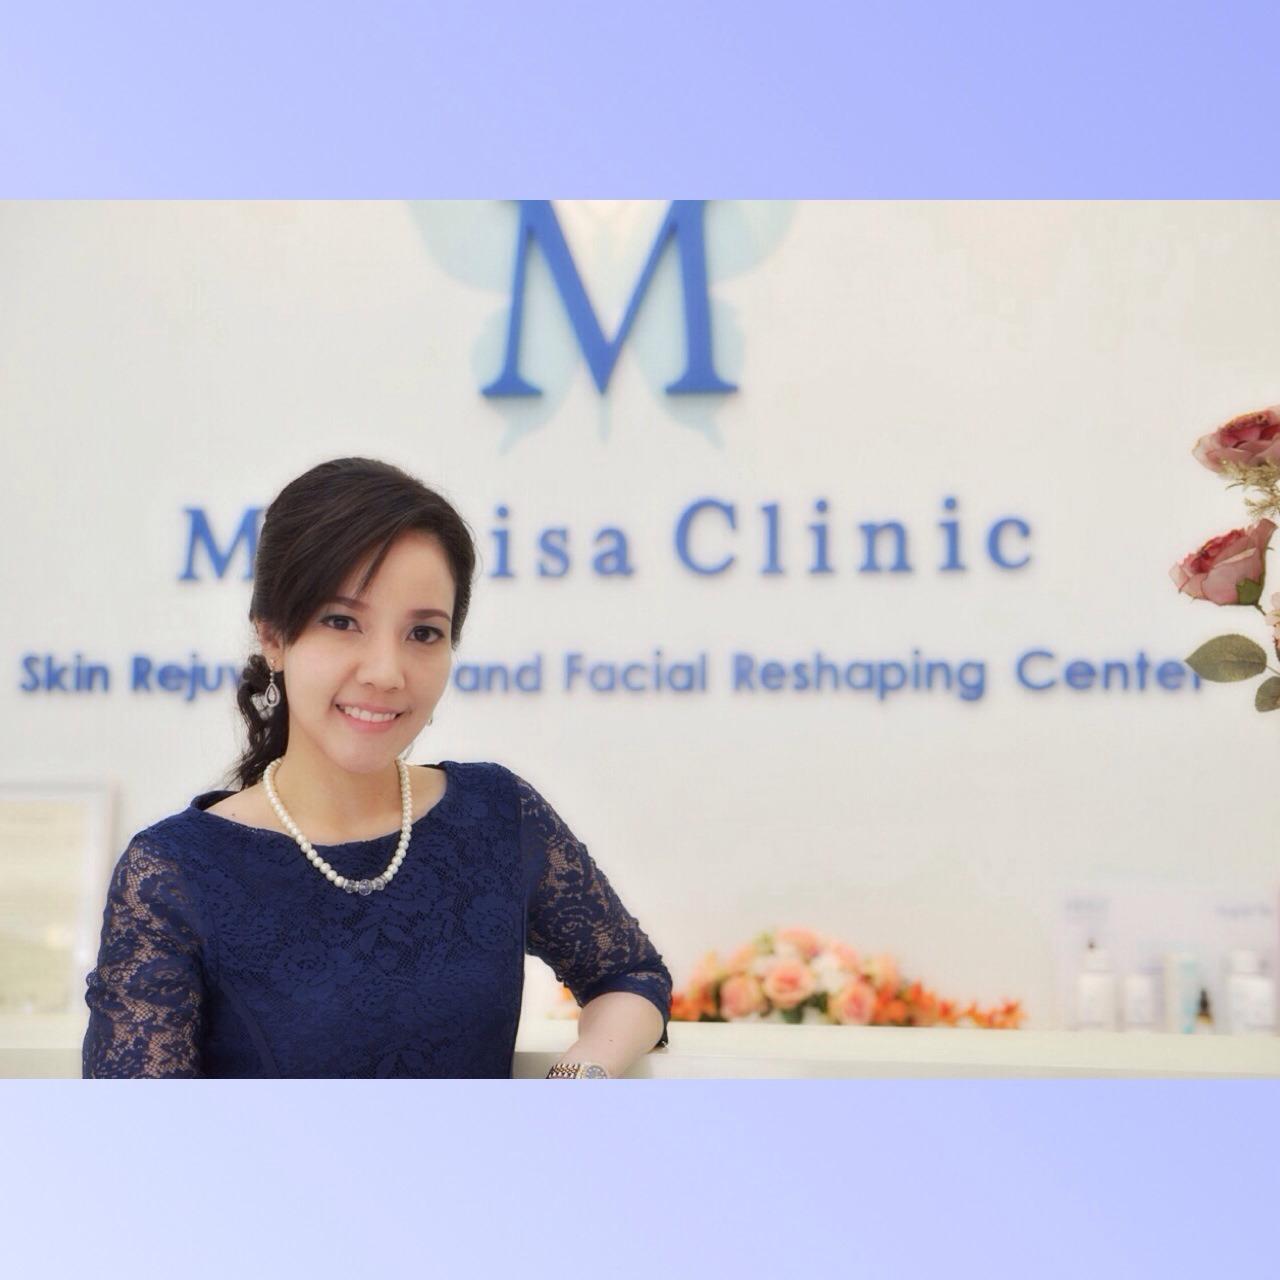 ร้อยไหมหน้าเรียว ราคาไม่แพง ที่ Mayrisa Clinic